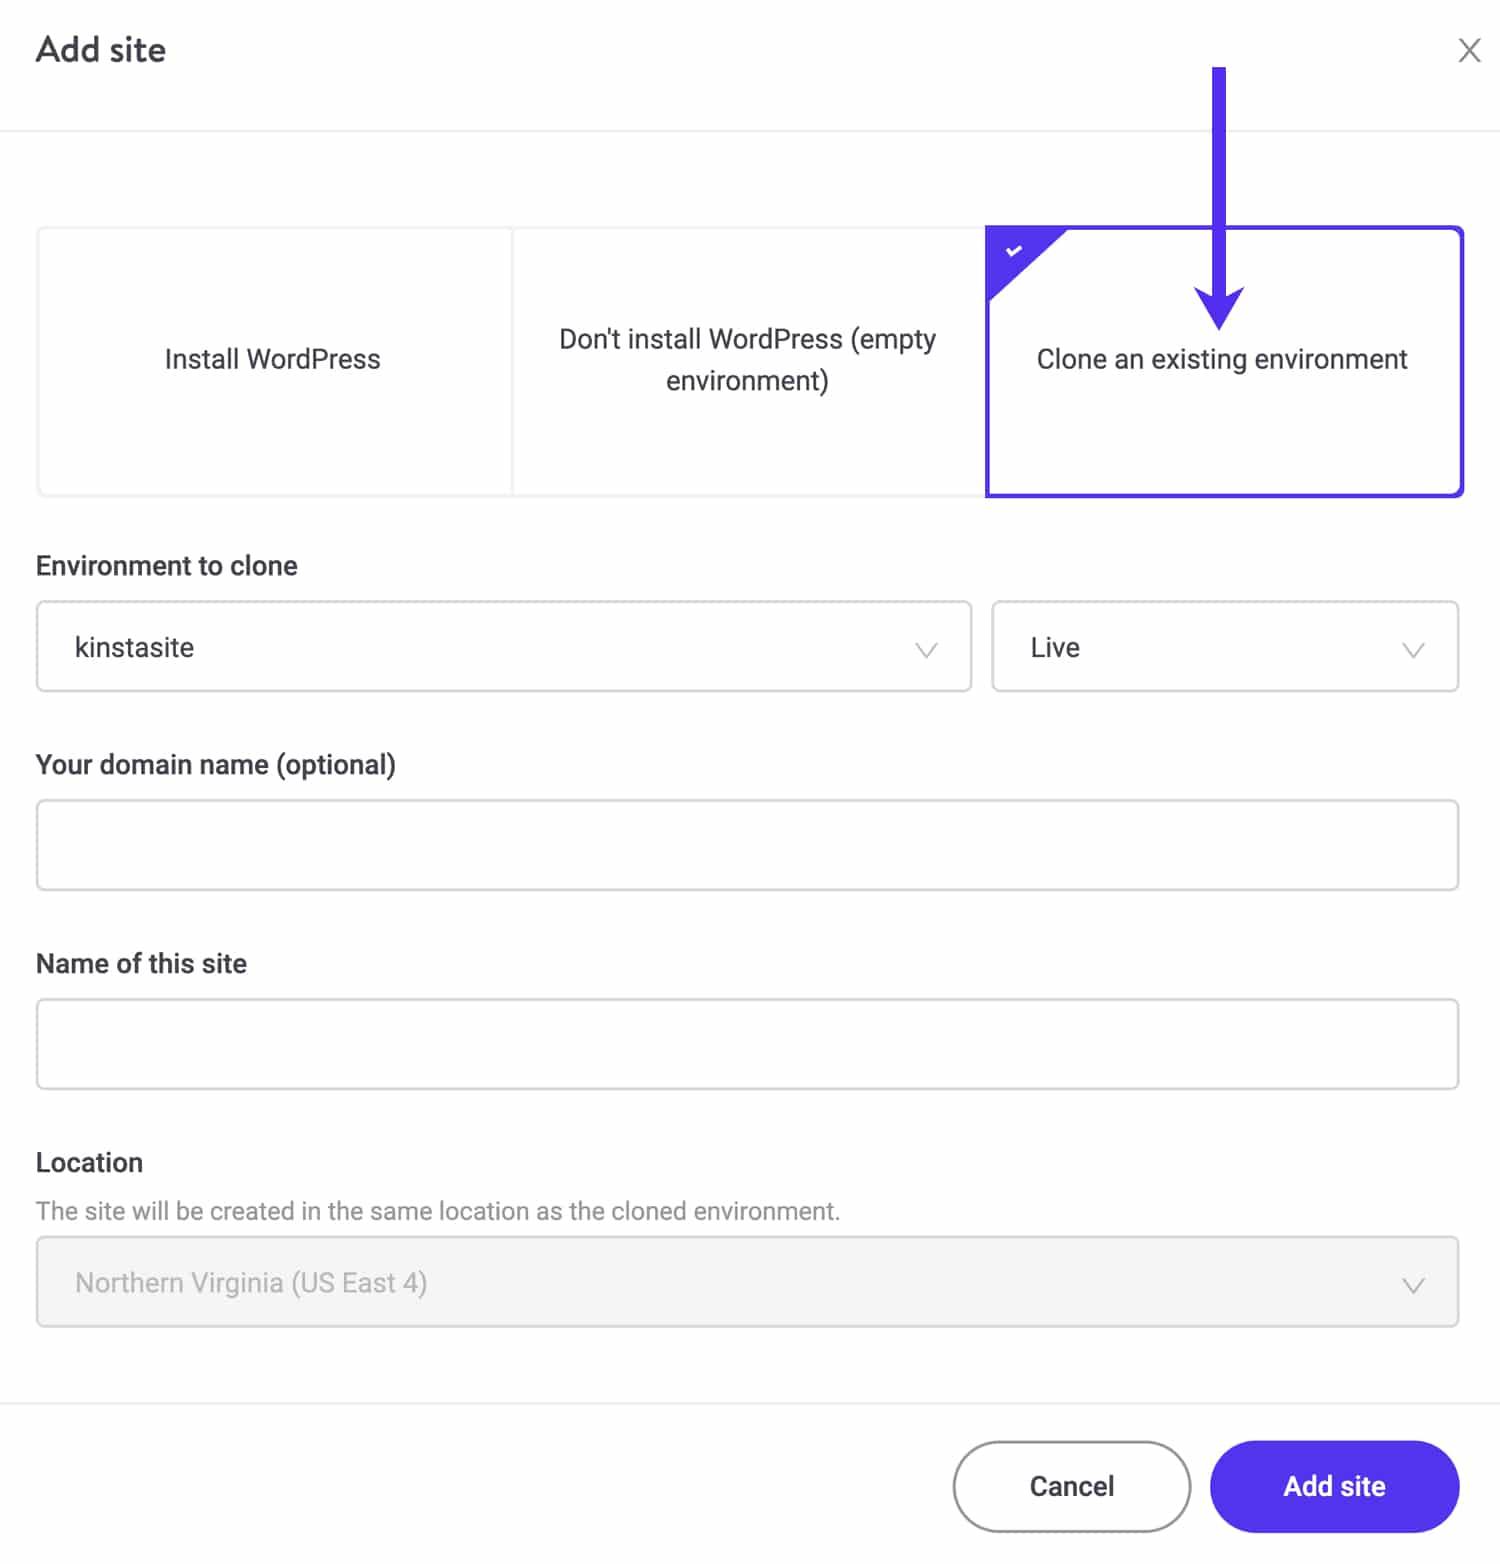 Clonare un ambiente Kinsta esistente in un nuovo sito.